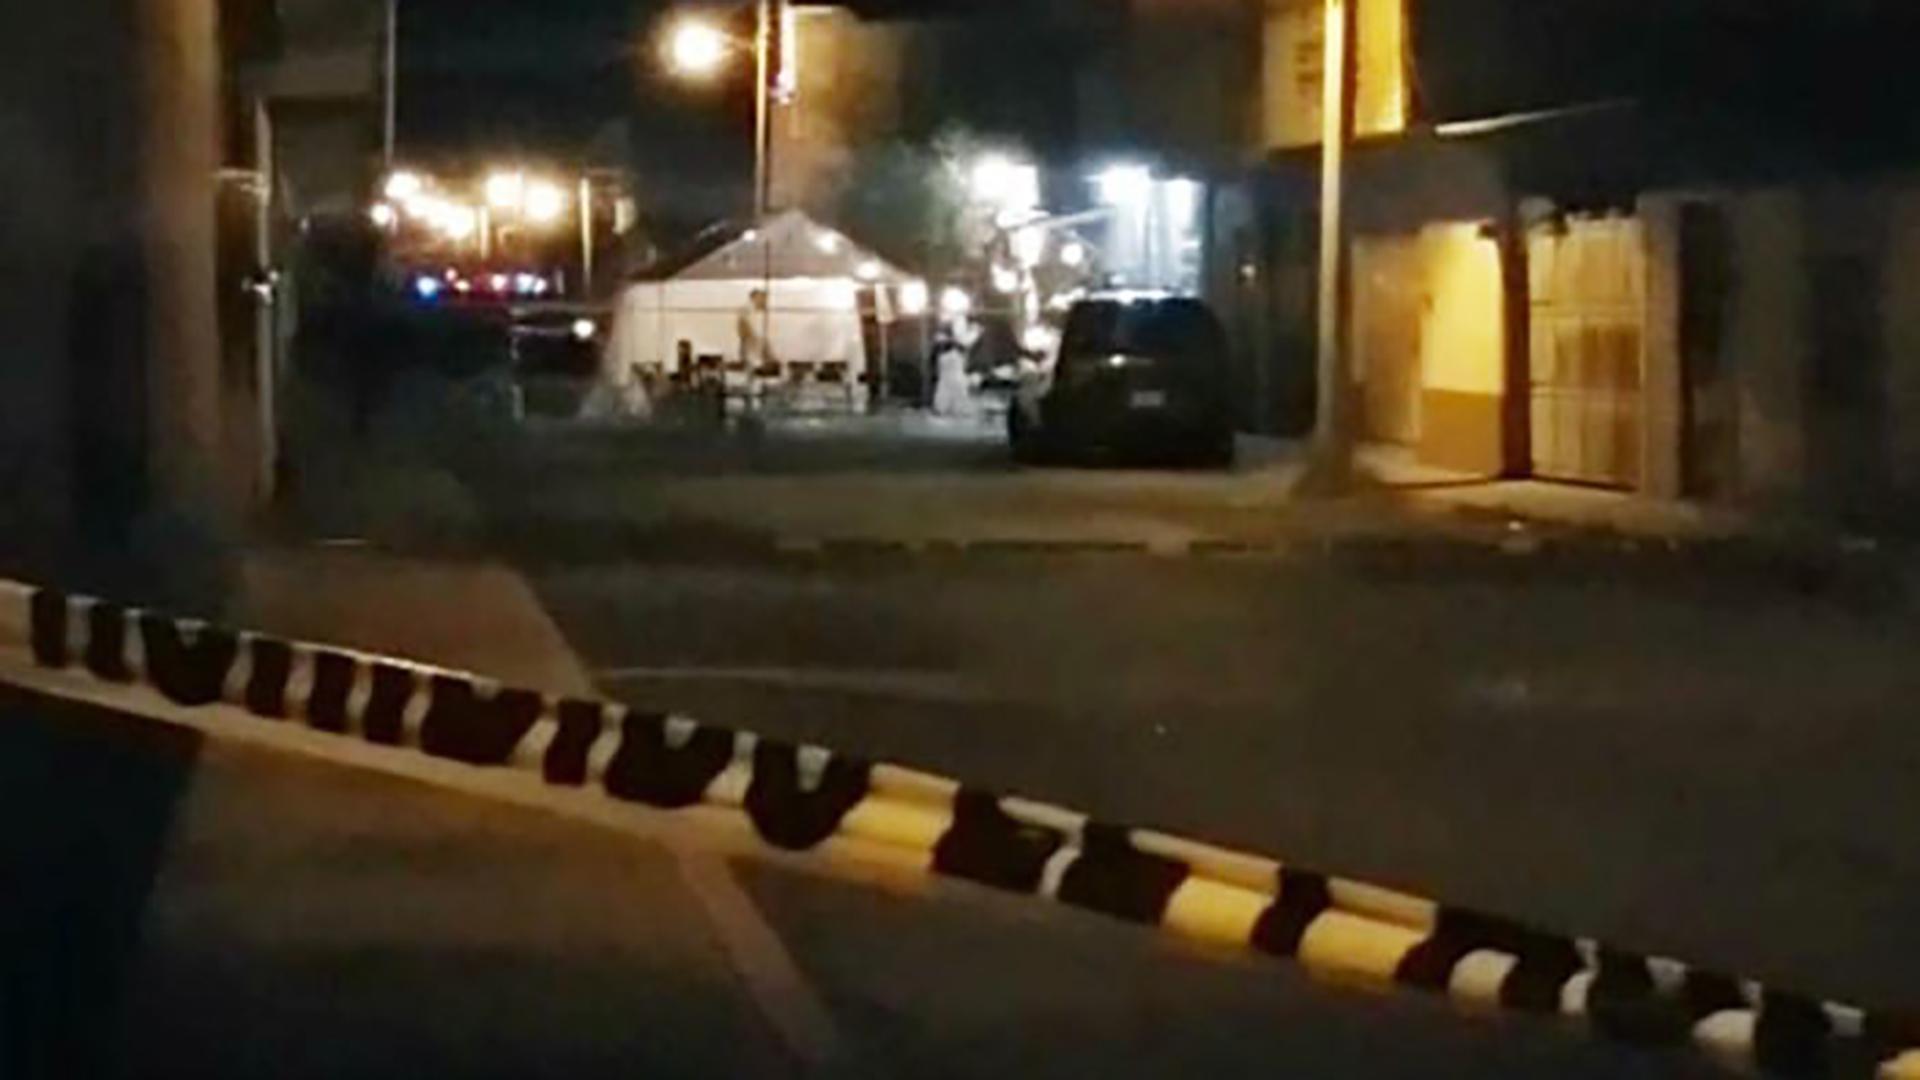 Muchos de los asesinatos en México quedan impunes (Foto: Especia)